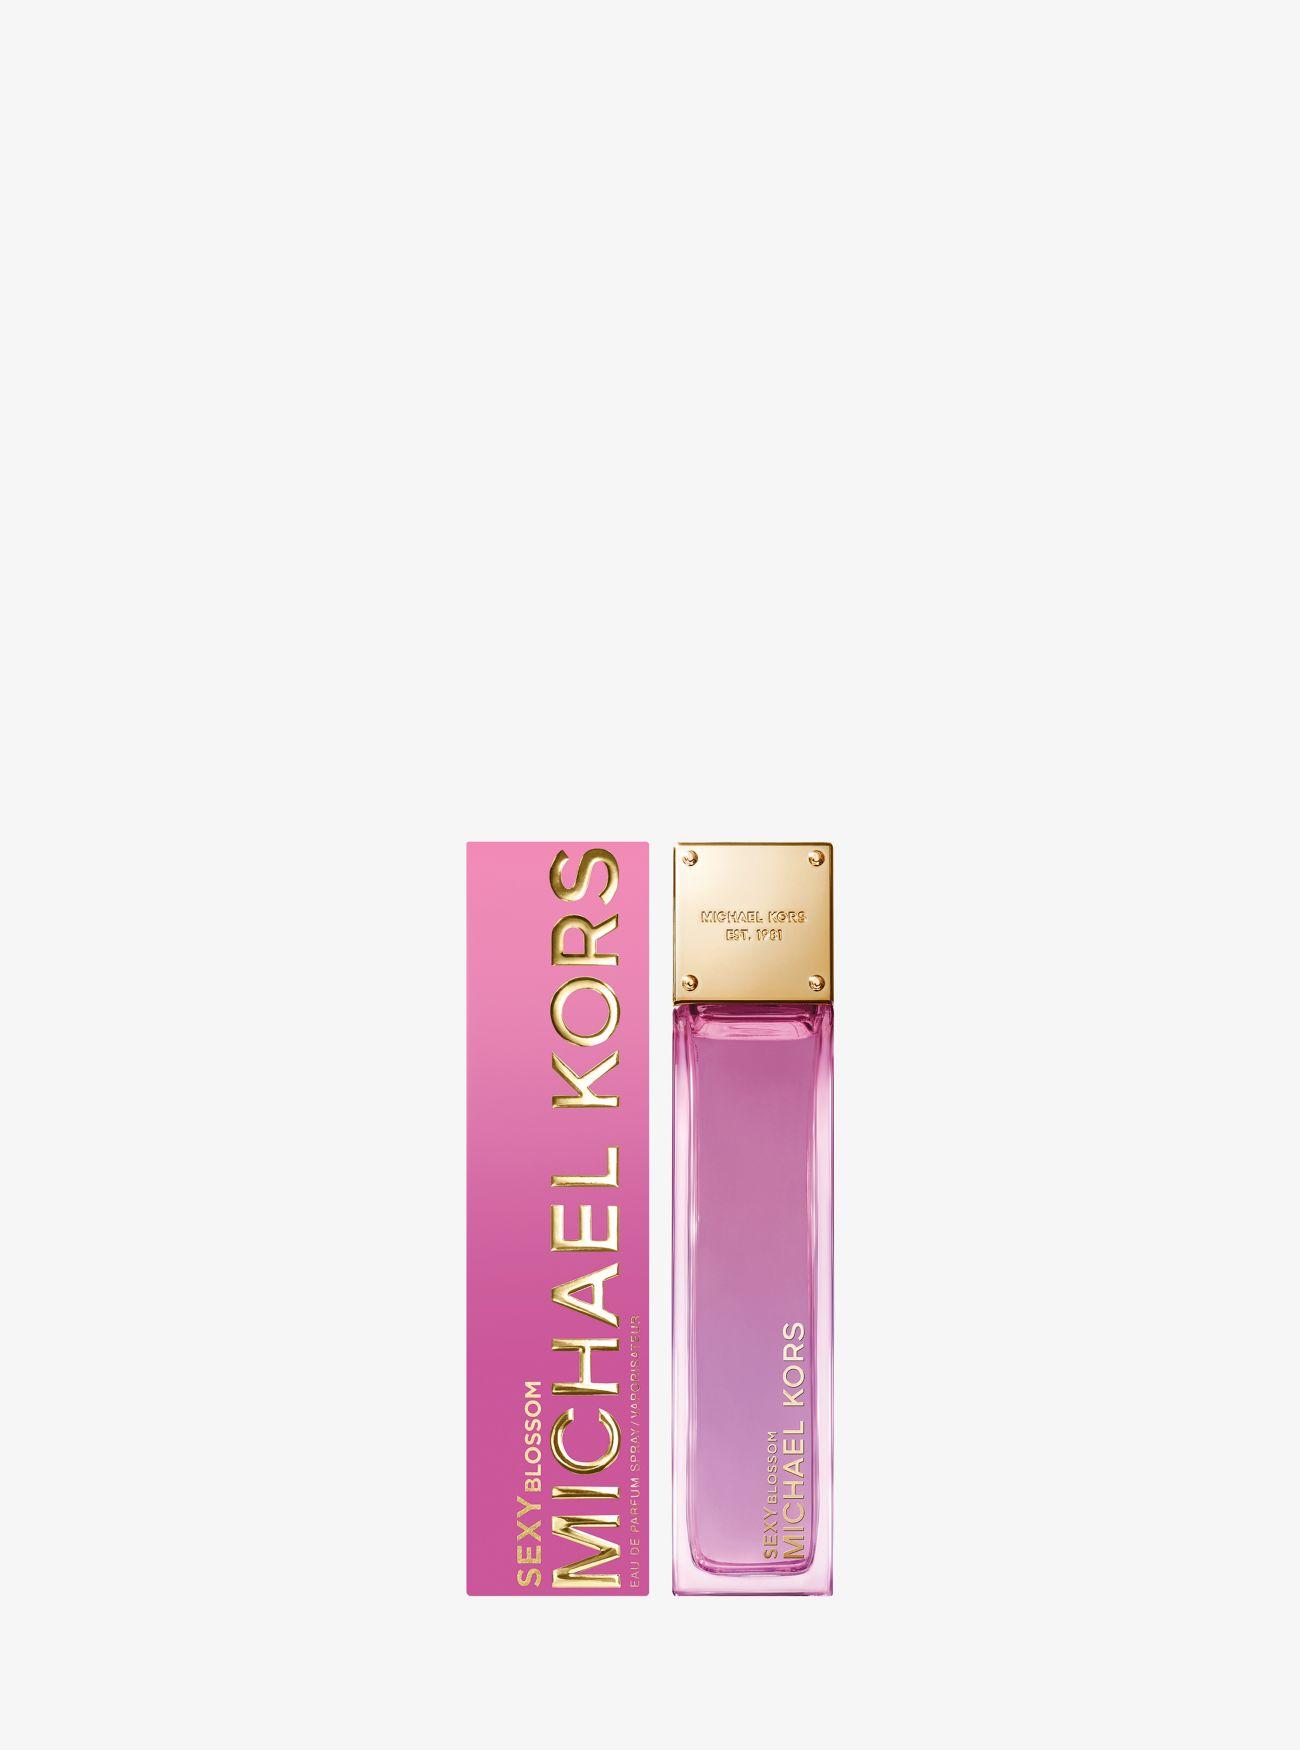 בלתי רגיל Michael Kors Sexy Blosom 3.4S For Women | Perfume N Cologne AZ-67